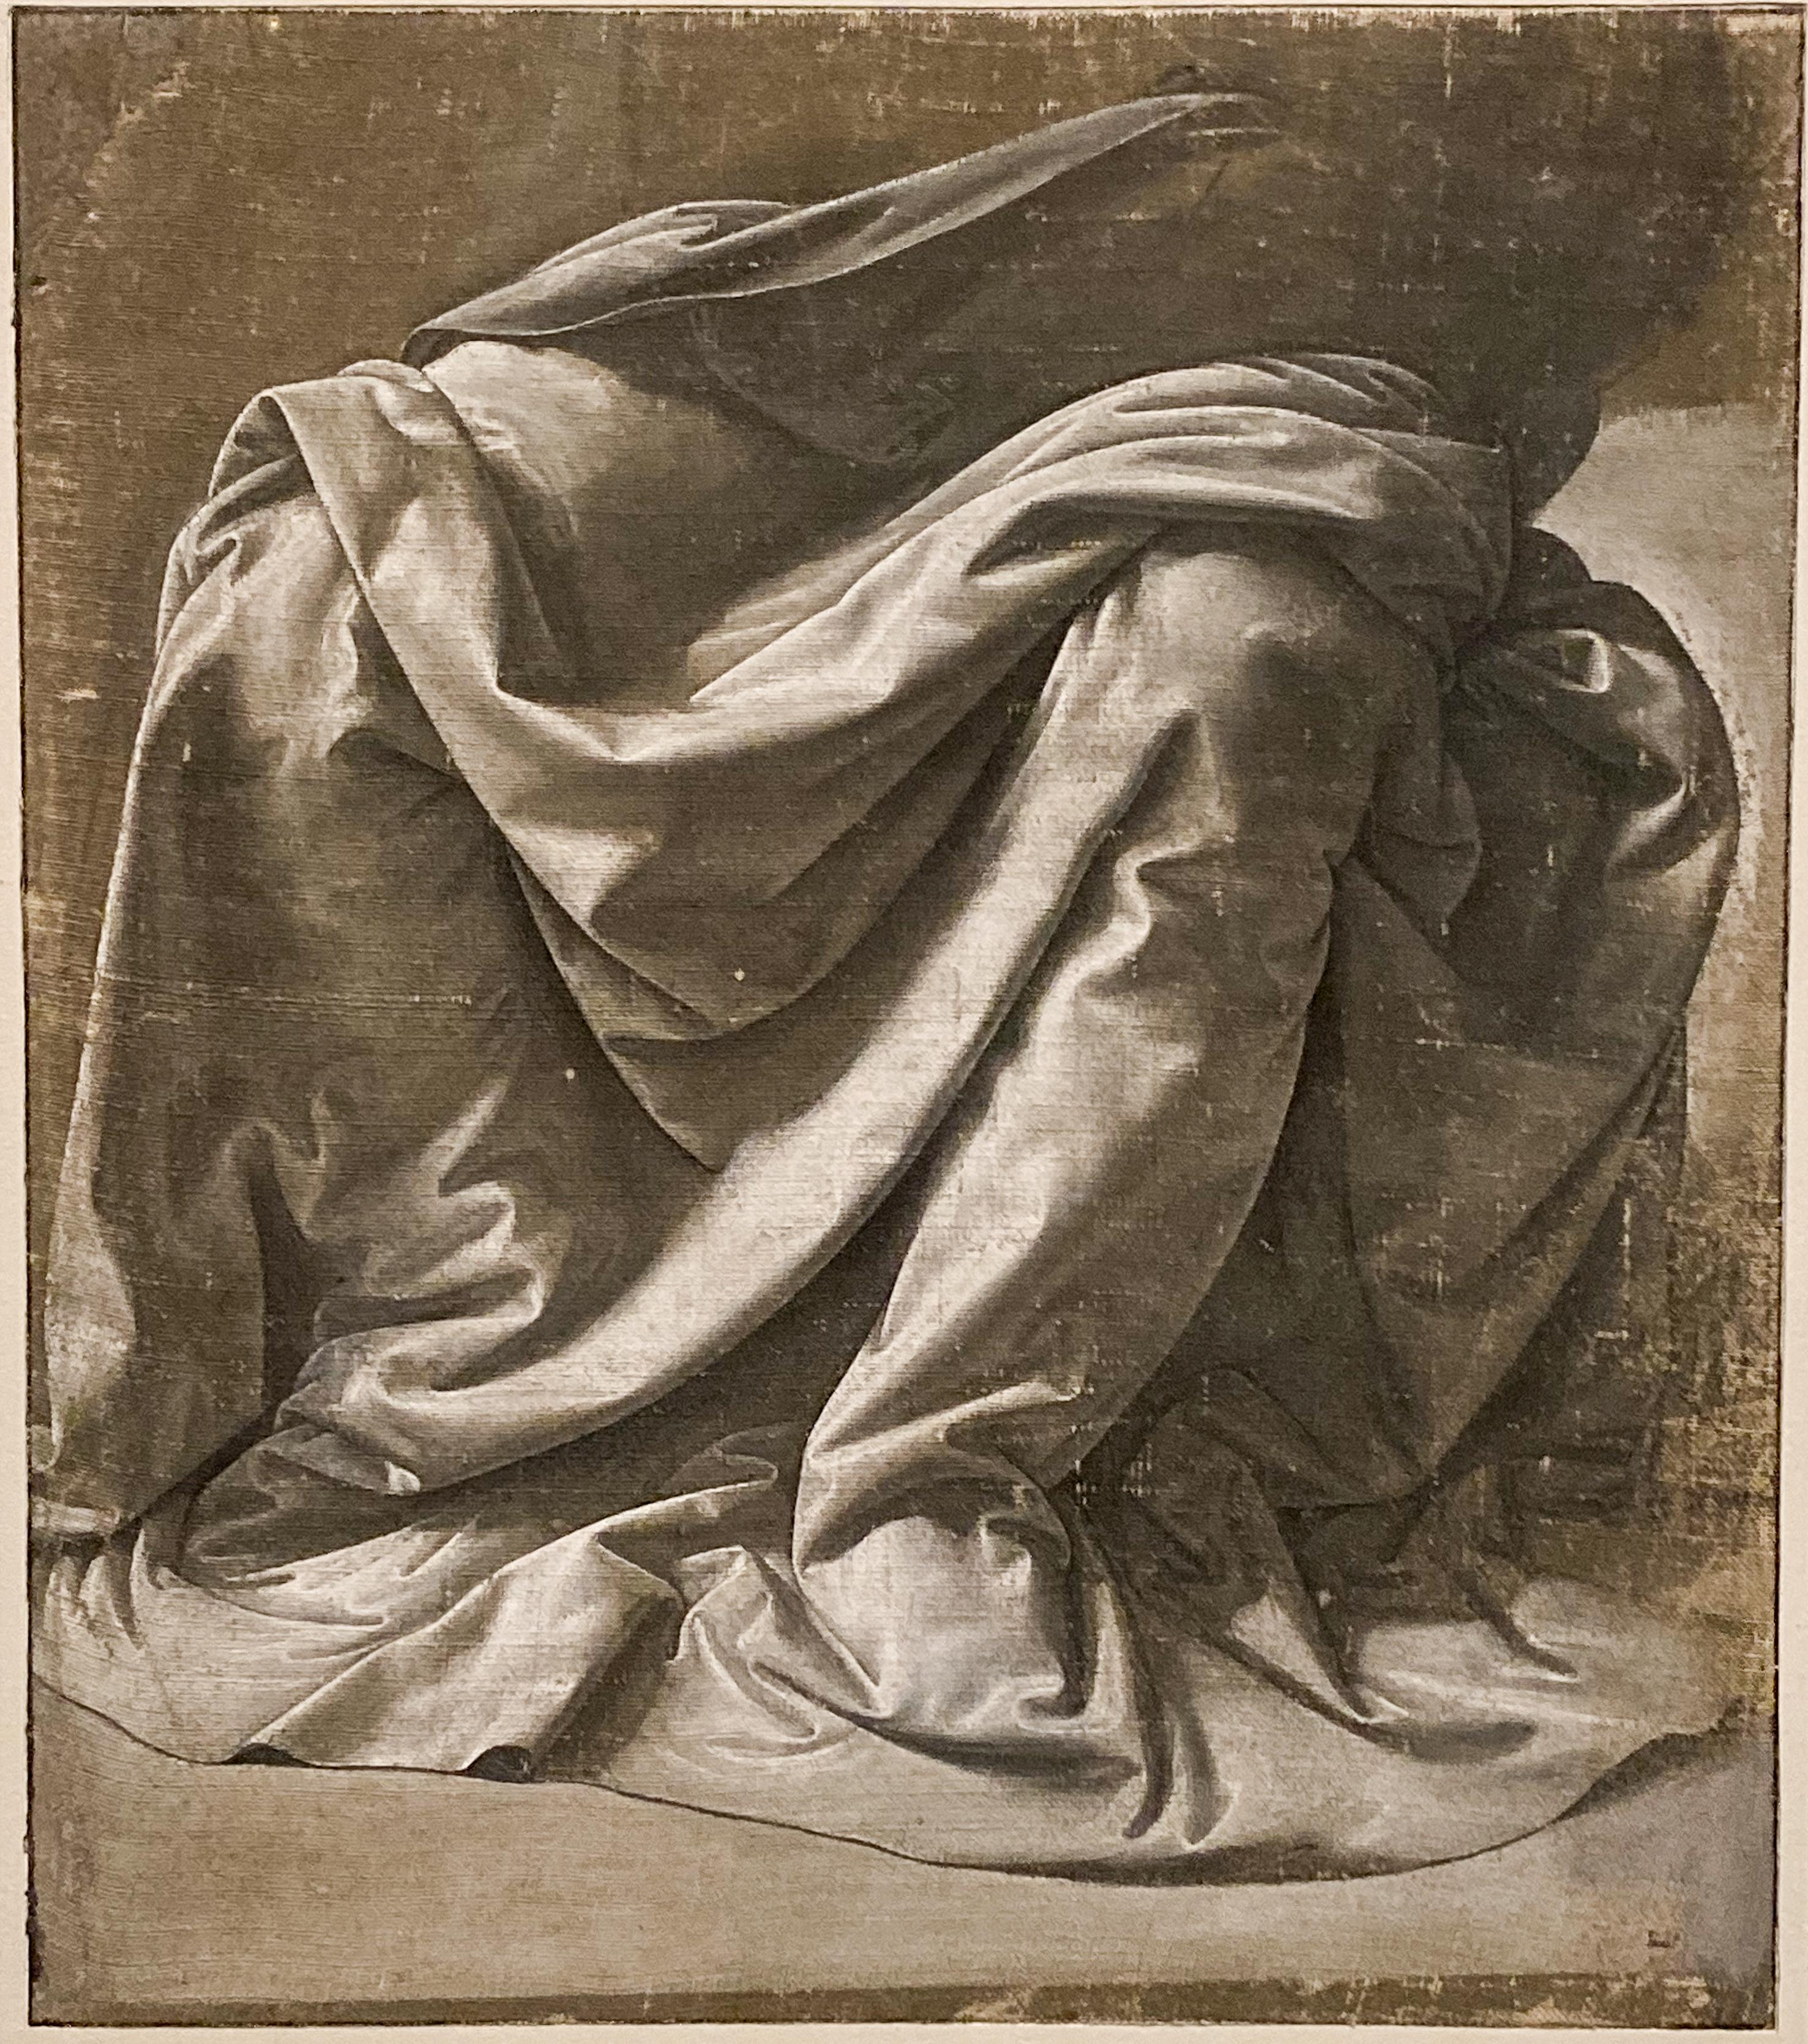 Leonardo da Vinci – Jahrhundertausstellung im Louvre Gewandstudie Louvre